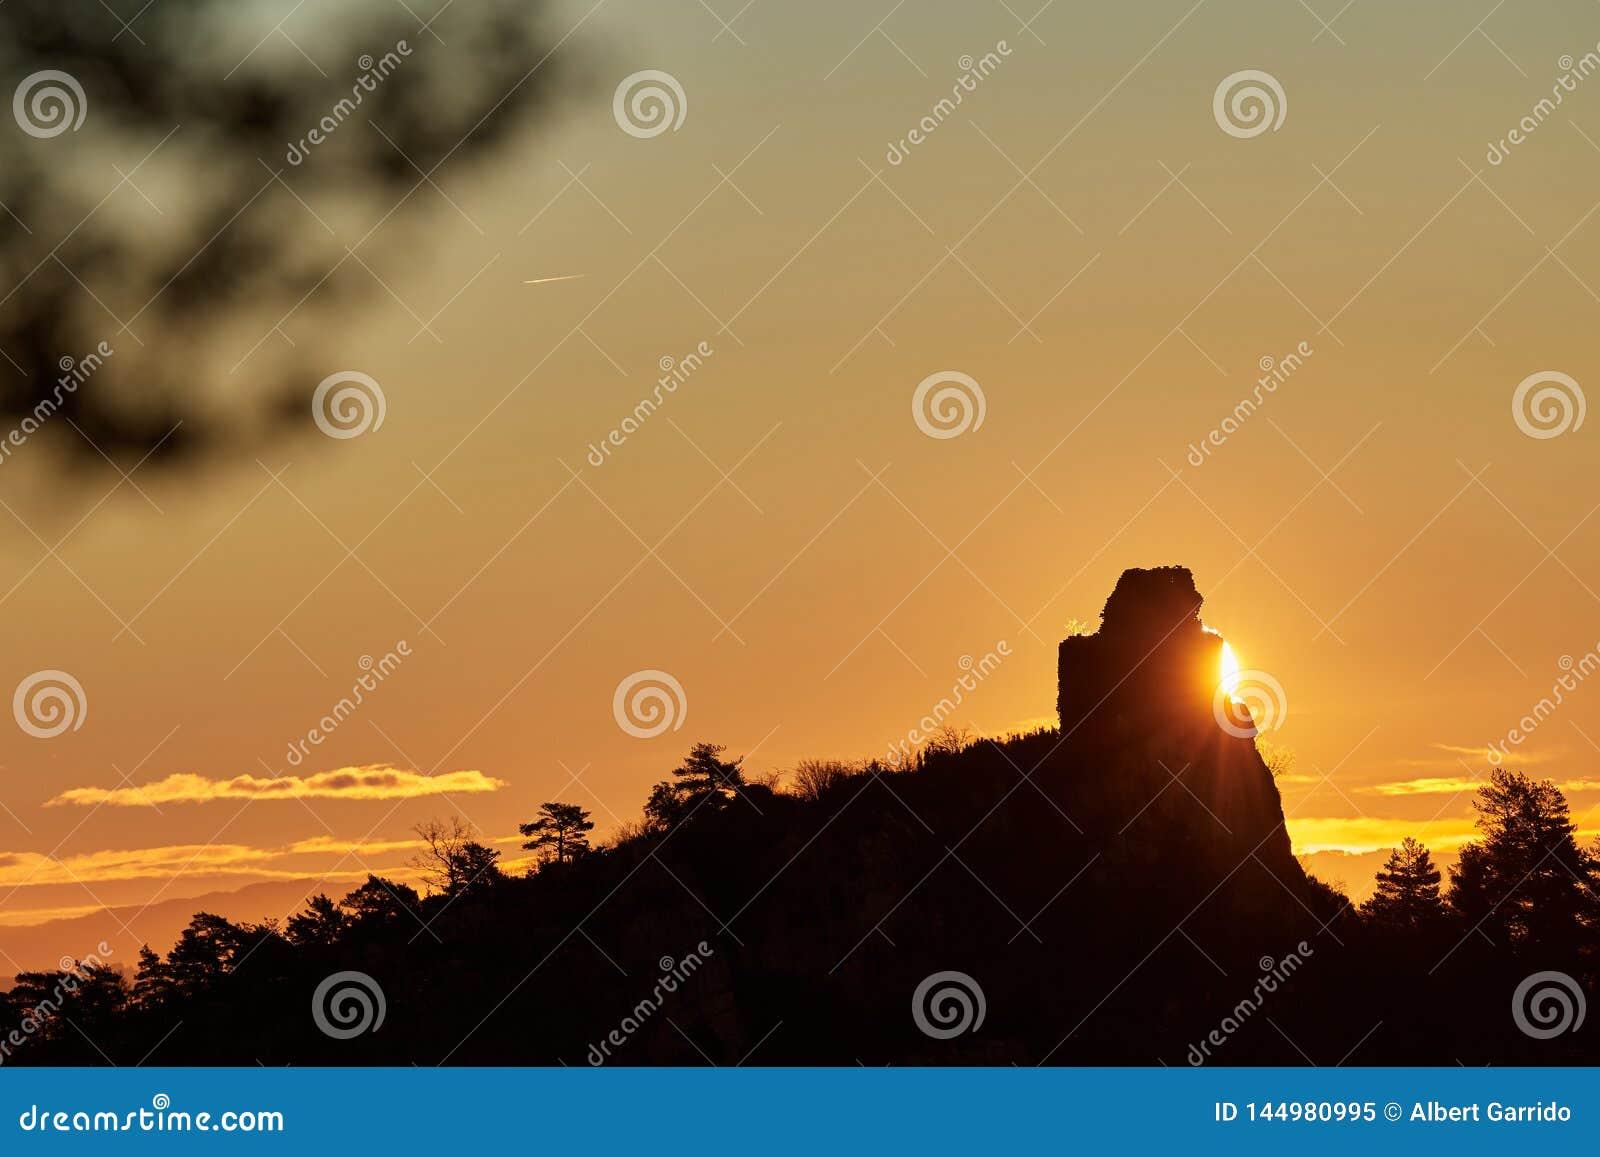 Sonnenaufgang hinter dem Berg